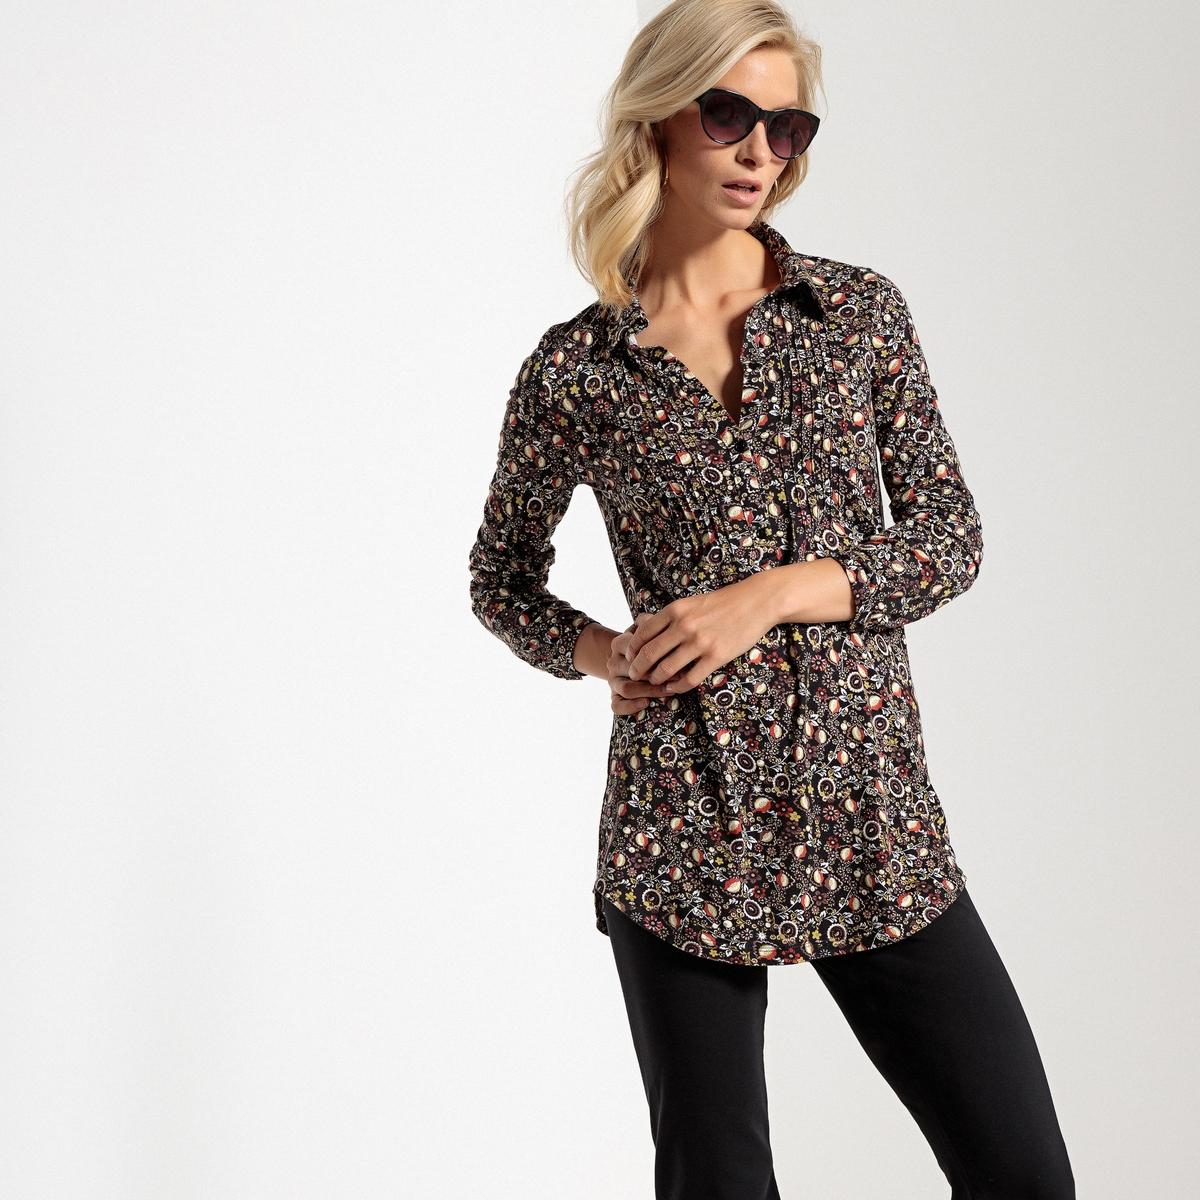 Weite Tunika mit Hemdkragen| Baumwolle und Modal | Bekleidung > Tuniken > Sonstige Tuniken | Schwarz | Baumwolle - Modal | ANNE WEYBURN